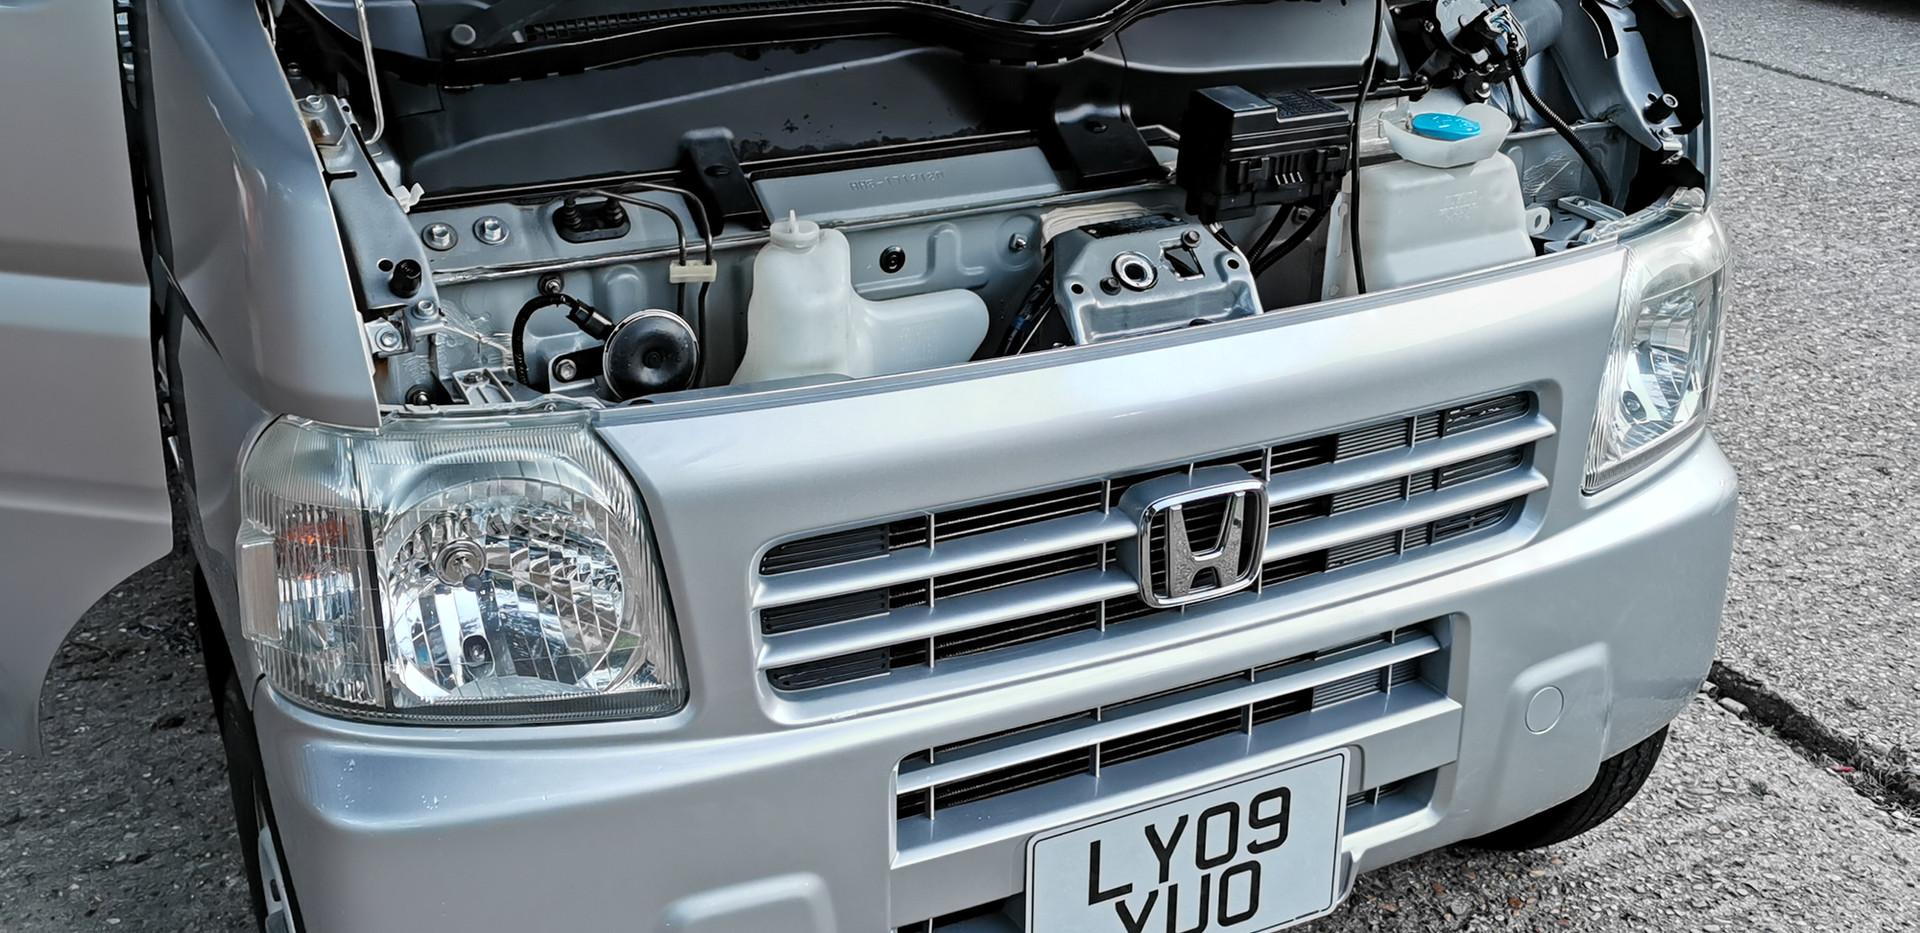 Honda Acty Engine Bay London UK